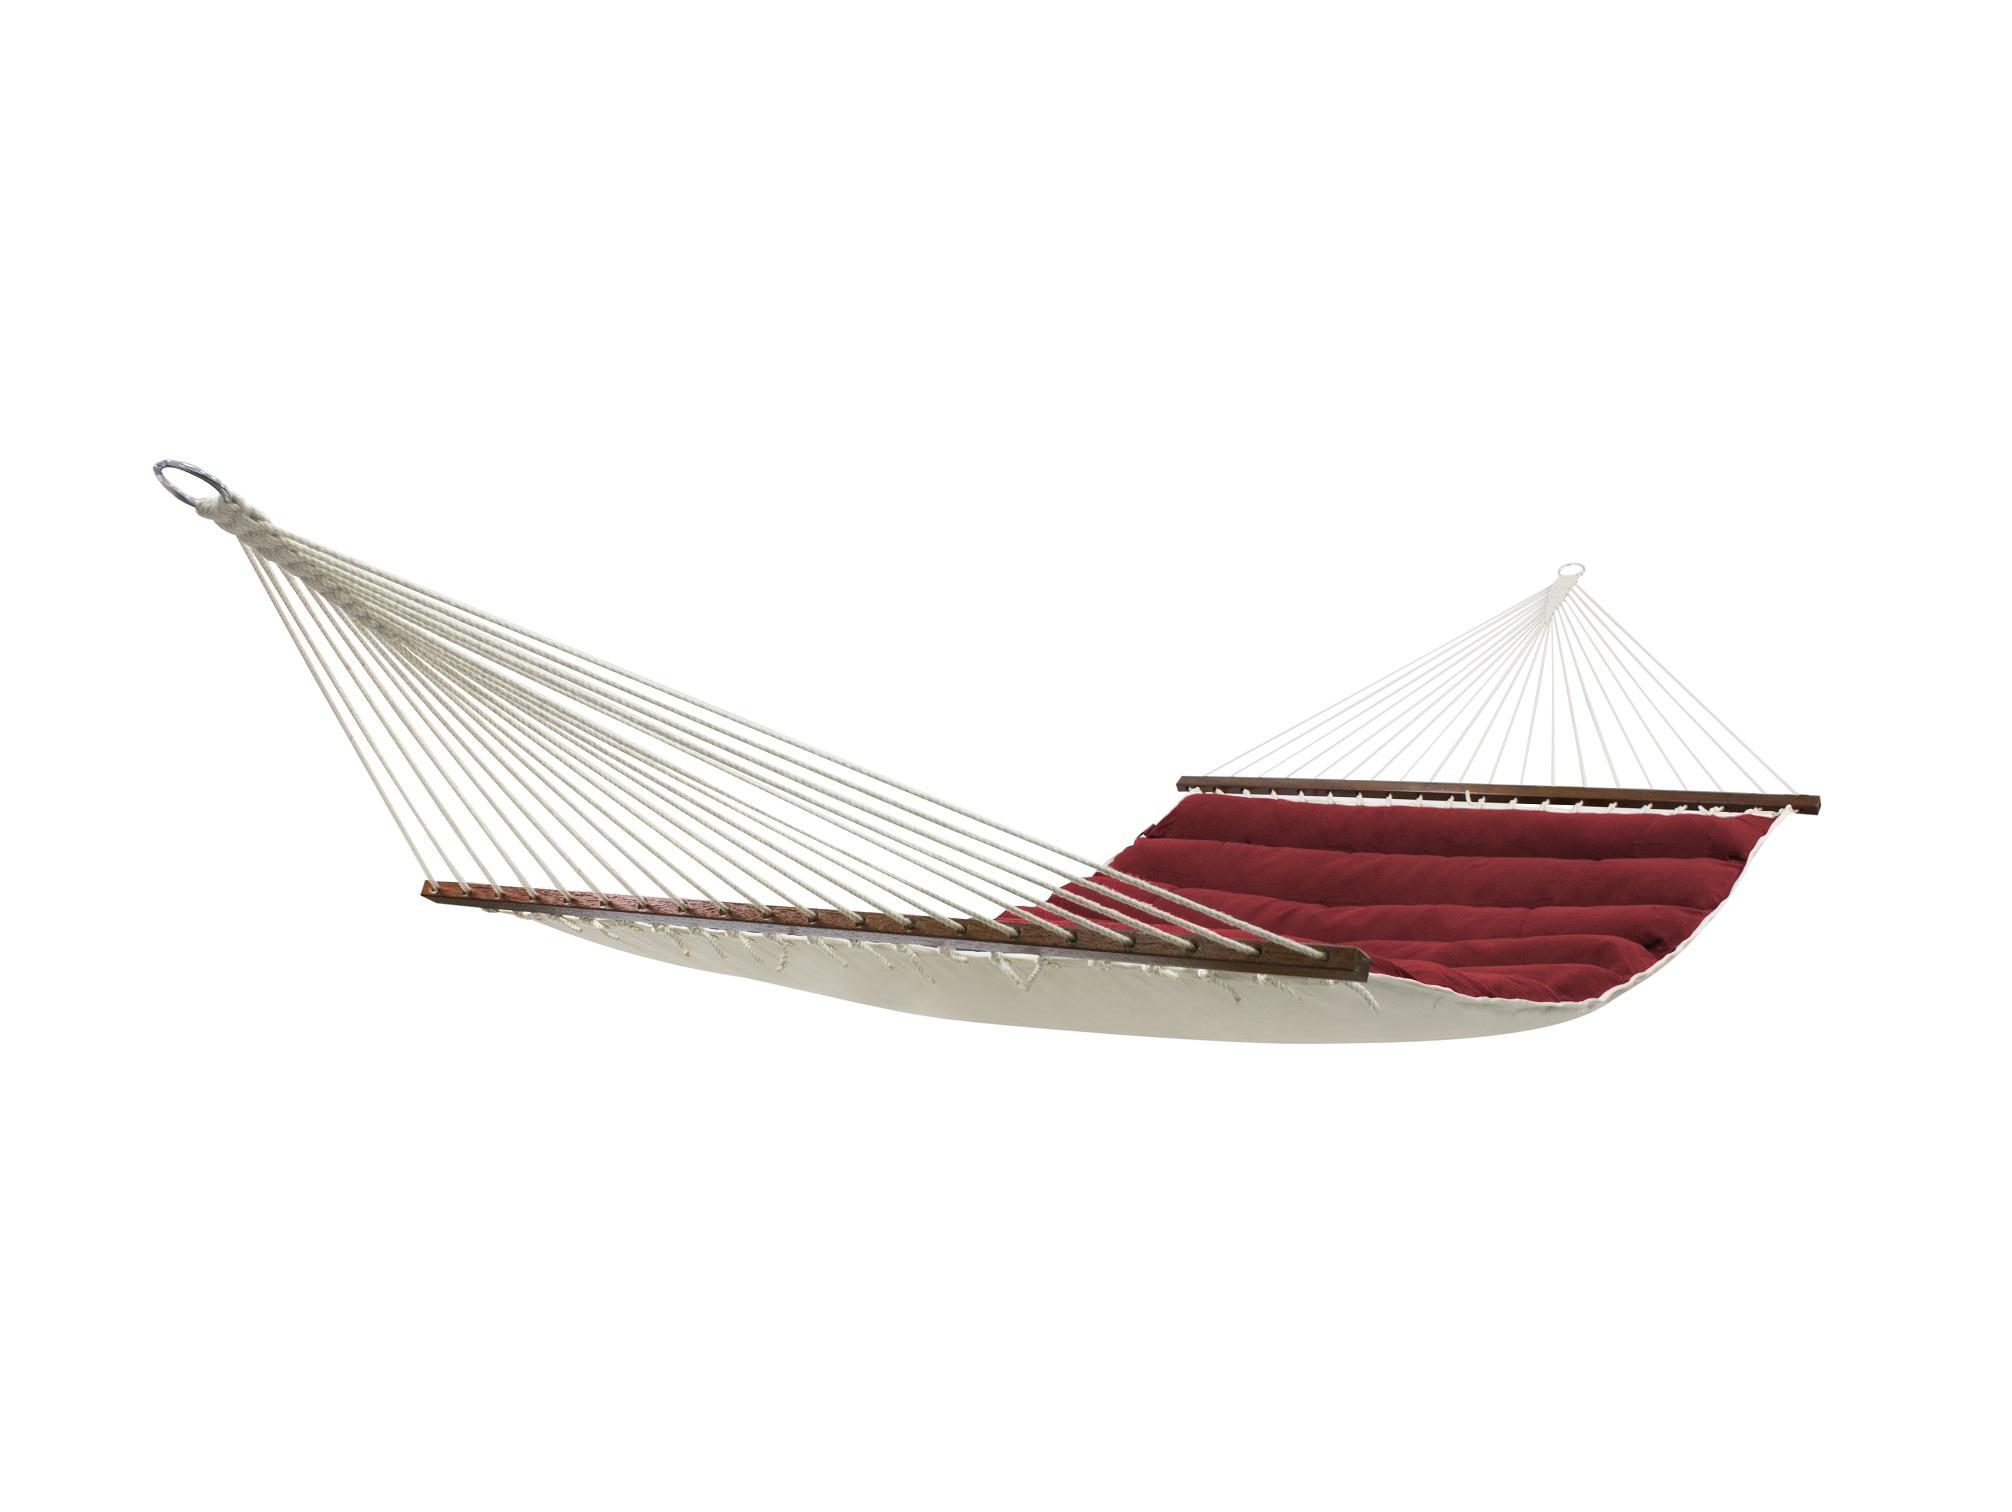 Семейный гамак WaveГамаки<br>&amp;lt;div style=&amp;quot;line-height: 24.9999px;&amp;quot;&amp;gt;Гамак Wave &amp;amp;nbsp;- отличный вариант для отдыха под открытым небом. Гамак изготовлен из современных погодостойких материалов и не выгорает. Благодаря конструкции подвеса гамак можно крепить как к деревьям, так и к специальному каркасу.&amp;lt;br&amp;gt;&amp;lt;/div&amp;gt;&amp;lt;div style=&amp;quot;line-height: 24.9999px;&amp;quot;&amp;gt;&amp;lt;br&amp;gt;&amp;lt;/div&amp;gt;&amp;lt;div style=&amp;quot;line-height: 24.9999px;&amp;quot;&amp;gt;Максимальная нагрузка: 160 кг.&amp;lt;/div&amp;gt;&amp;lt;div style=&amp;quot;line-height: 24.9999px;&amp;quot;&amp;gt;Поперечная планка: бамбук.&amp;lt;/div&amp;gt;&amp;lt;div style=&amp;quot;line-height: 24.9999px;&amp;quot;&amp;gt;&amp;lt;br&amp;gt;&amp;lt;/div&amp;gt;<br><br>Material: Хлопок<br>Length см: None<br>Width см: 140<br>Depth см: 210<br>Height см: None